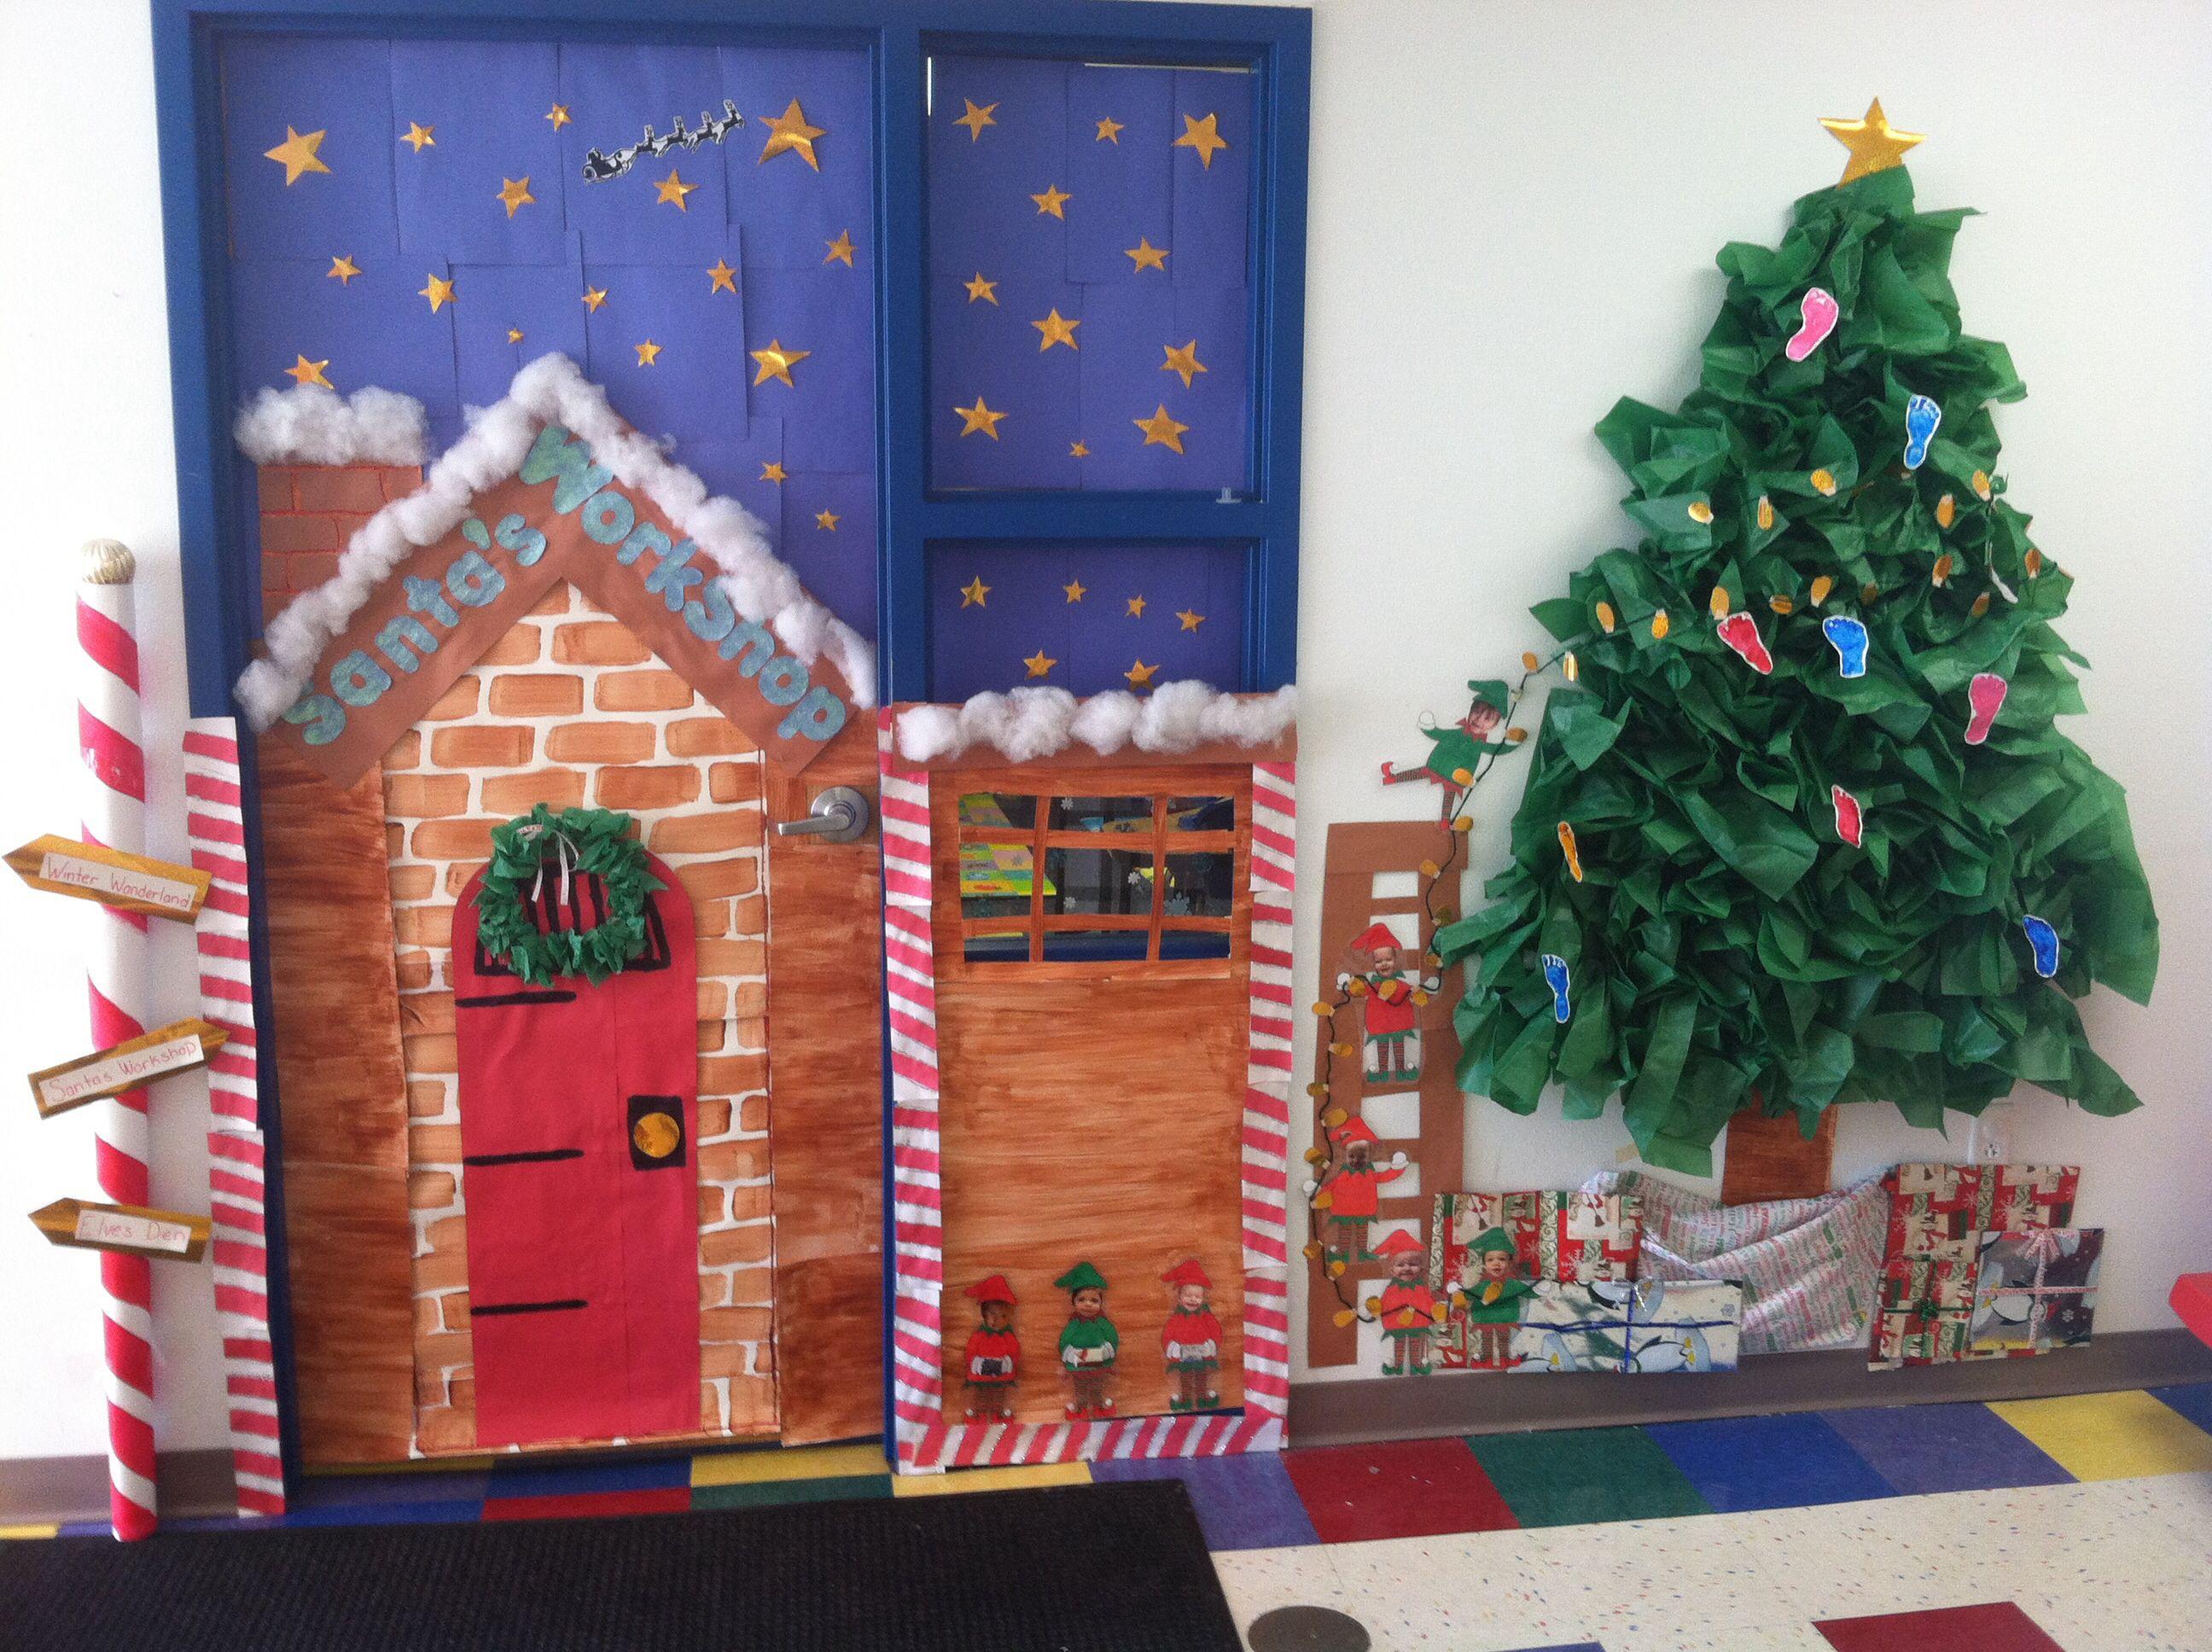 Christmas tree classroom door decorations - Santa S Workshop Classroom Door Classroom Doorclassroom Displayscubicle Decorationschristmas